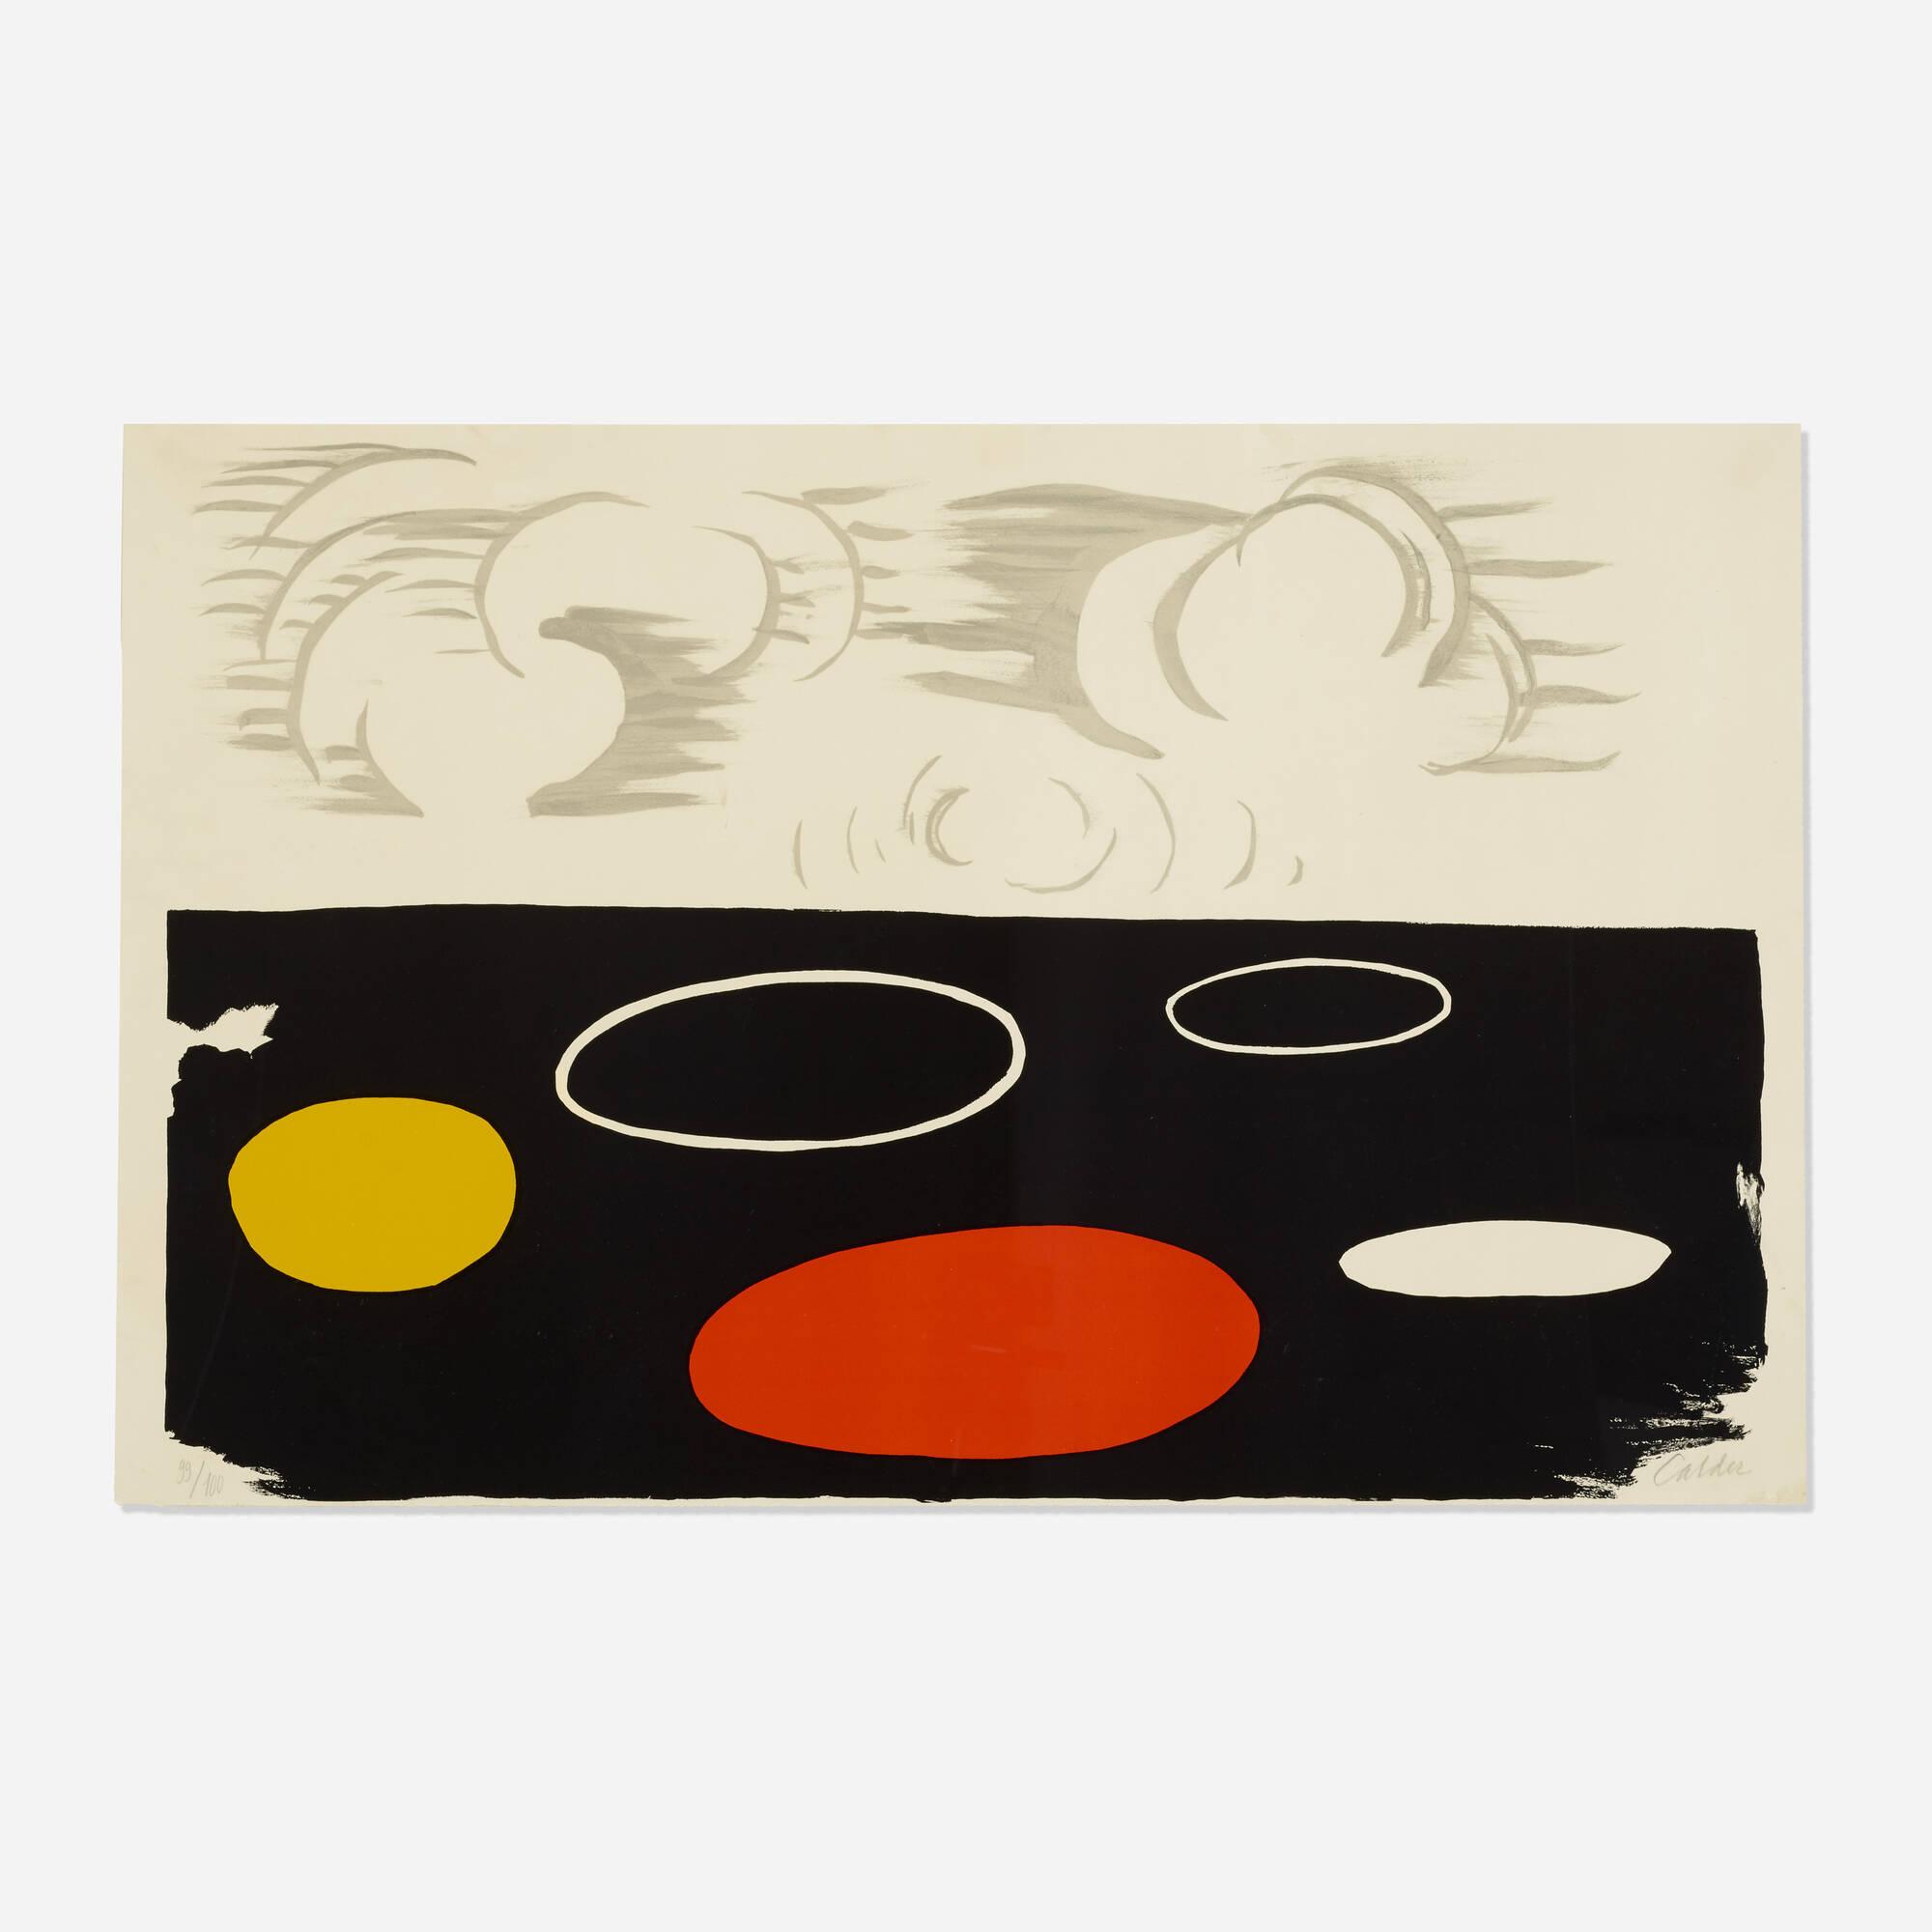 114: Alexander Calder / Flat World (1 of 1)